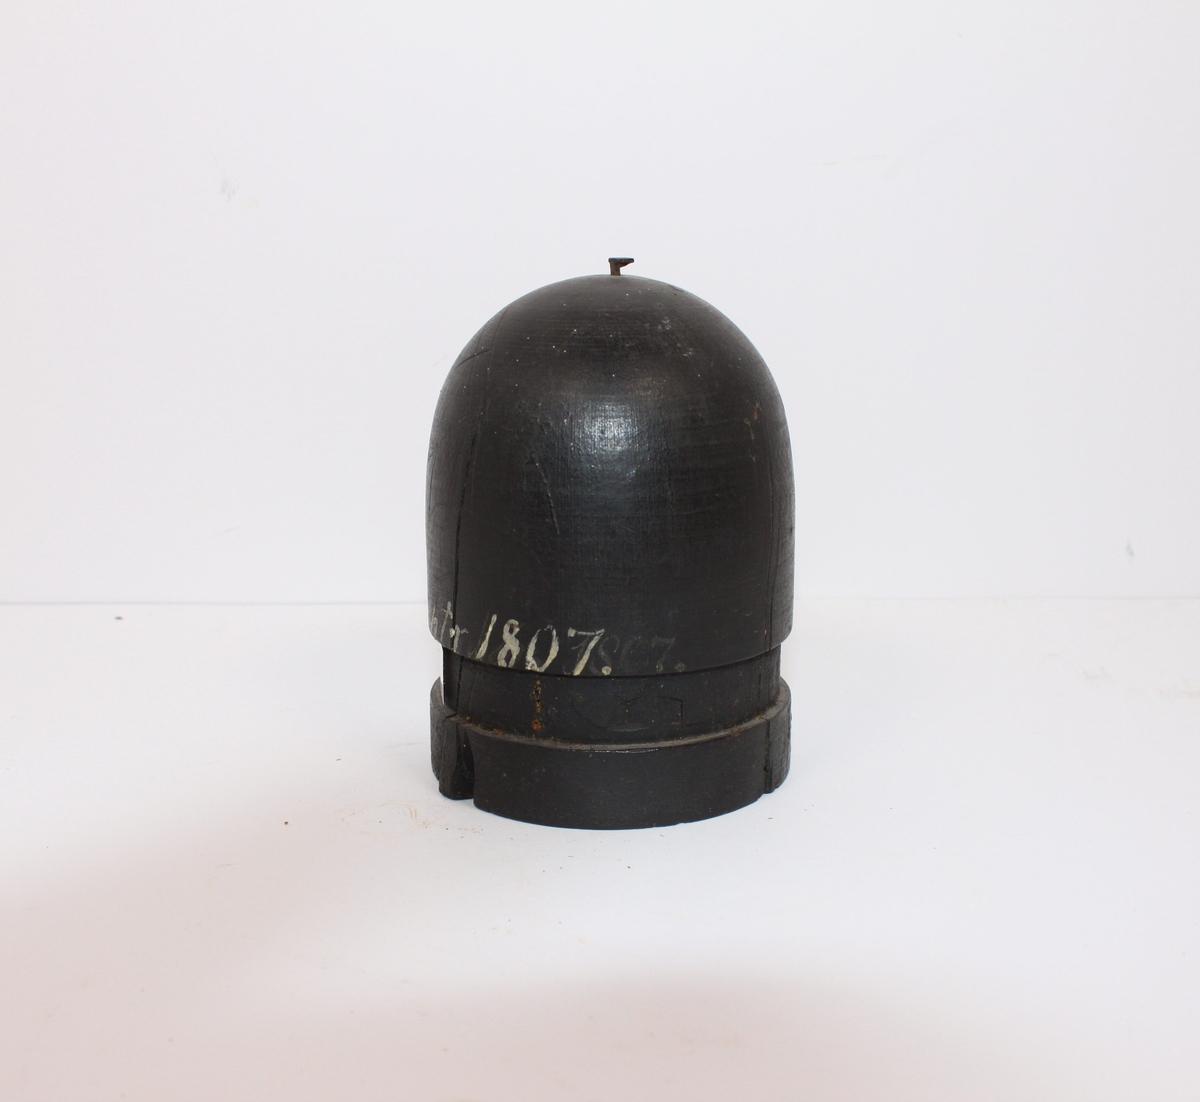 Sylinder halvkuleformet i tre fra København 1807